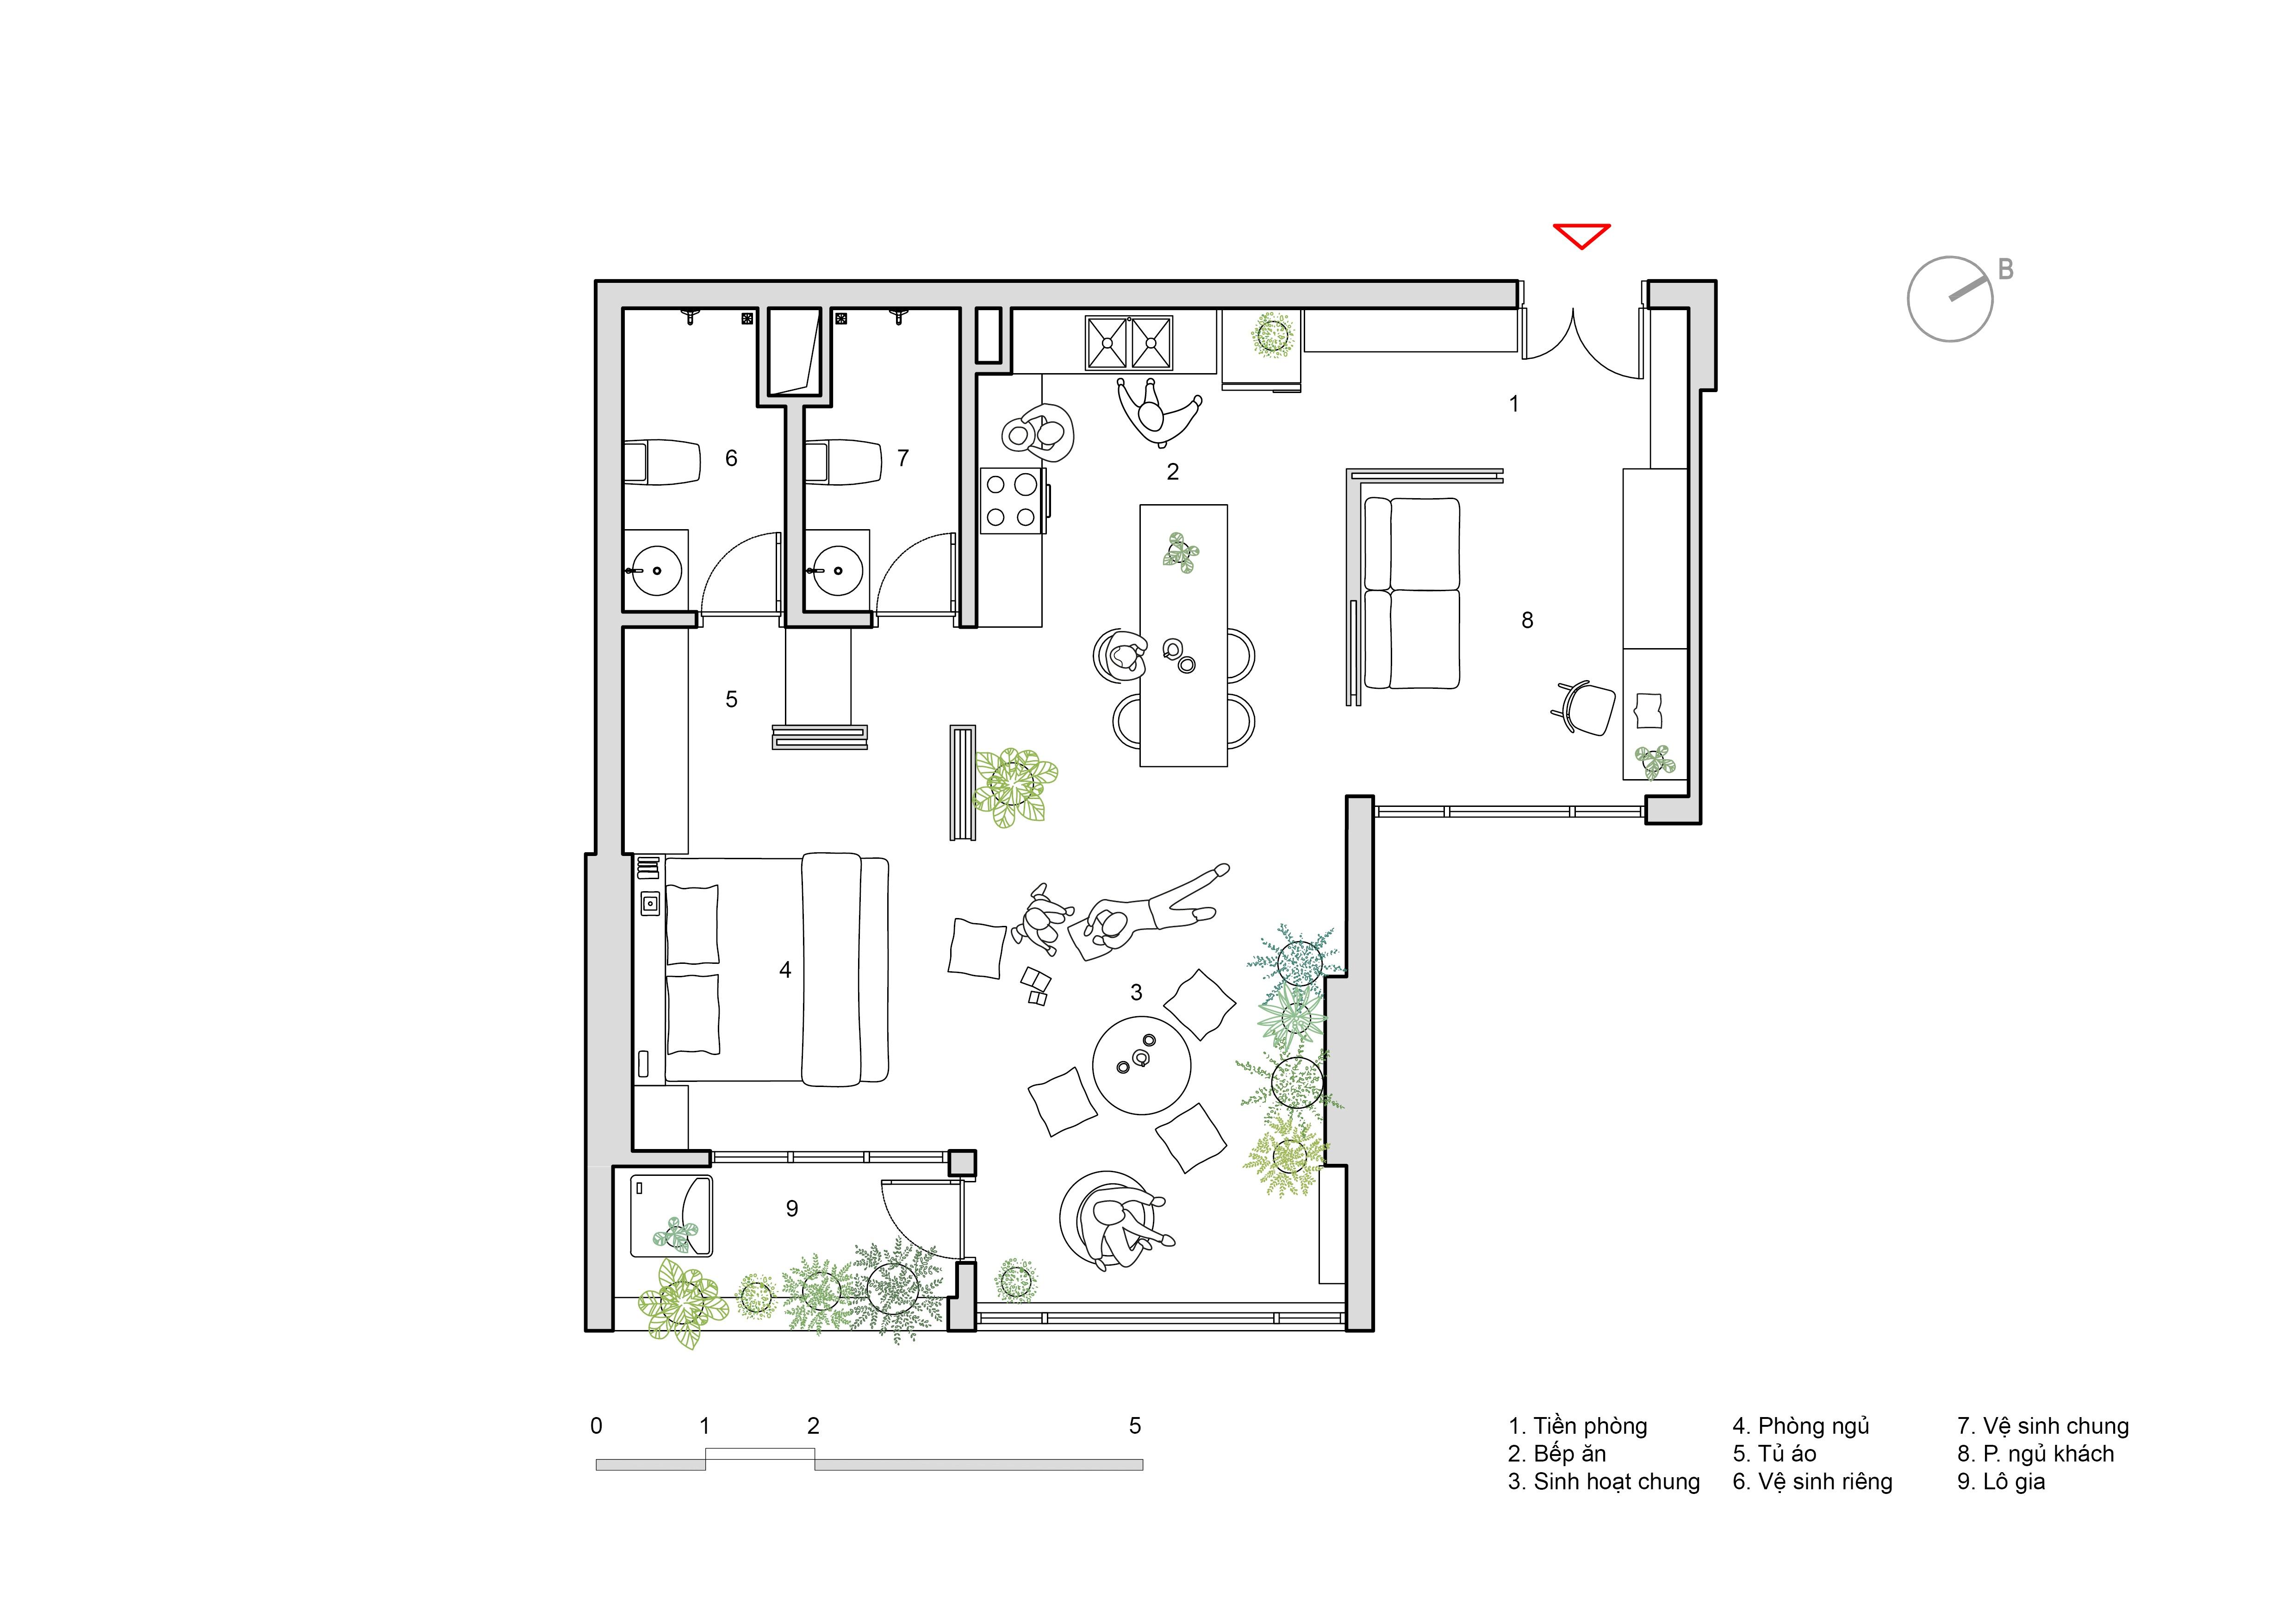 MDP,  Cải tạo không gian nội thất căn hộ Mỹ Đình Plaza,  HGAA